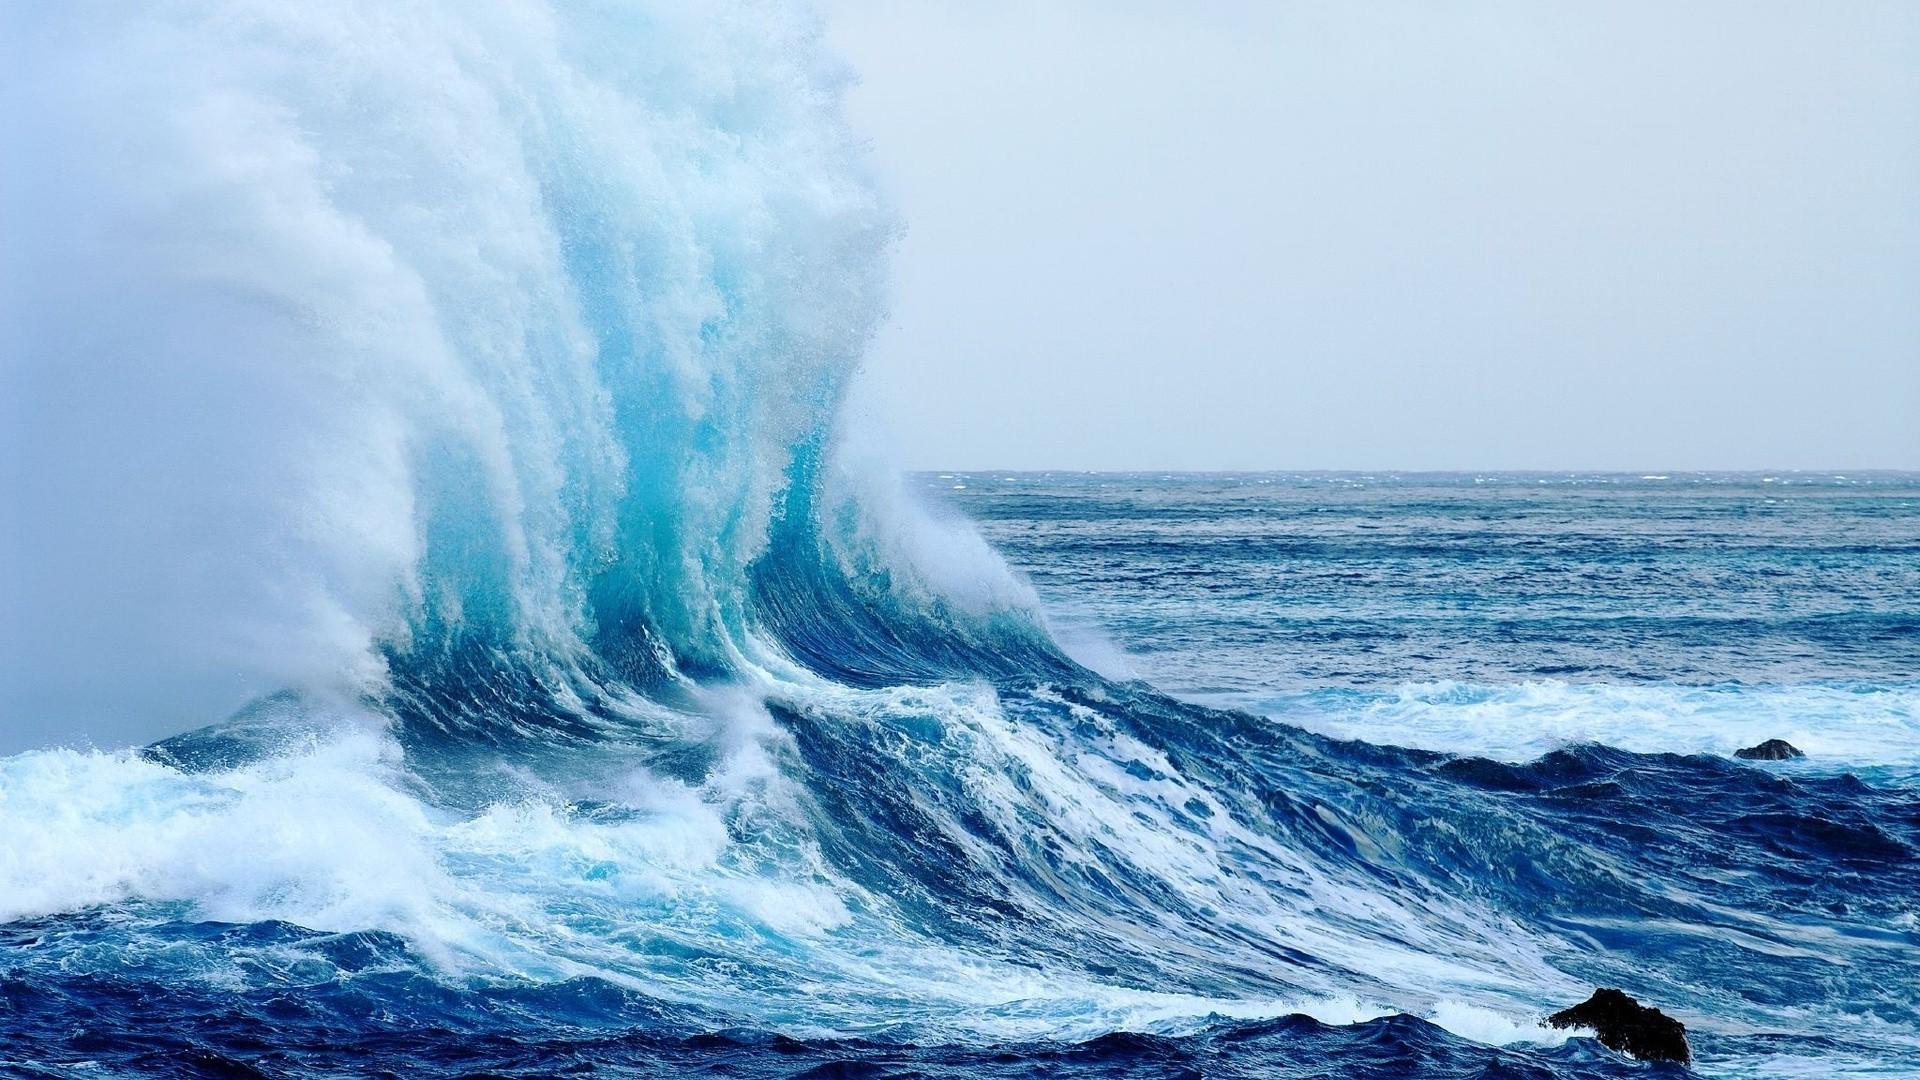 Beach Waves Wallpapers For Desktop Beach Waves